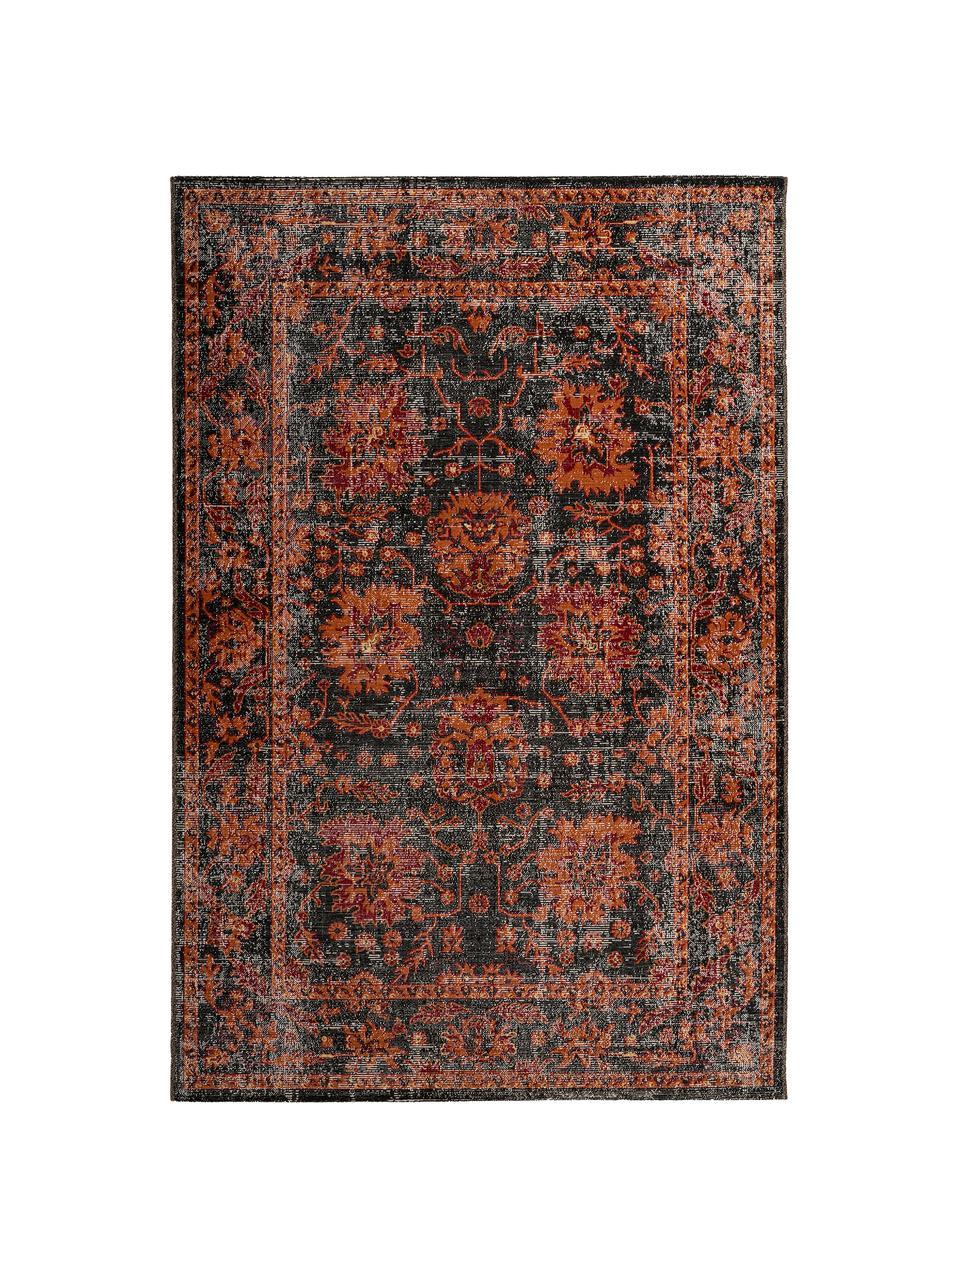 Dywan wewnętrzny/zewnętrzny w stylu orient Tilas, 100% polipropylen, Antracytowy, pomarańczowy, czerwony, S 80 x D 150 cm (Rozmiar XS)